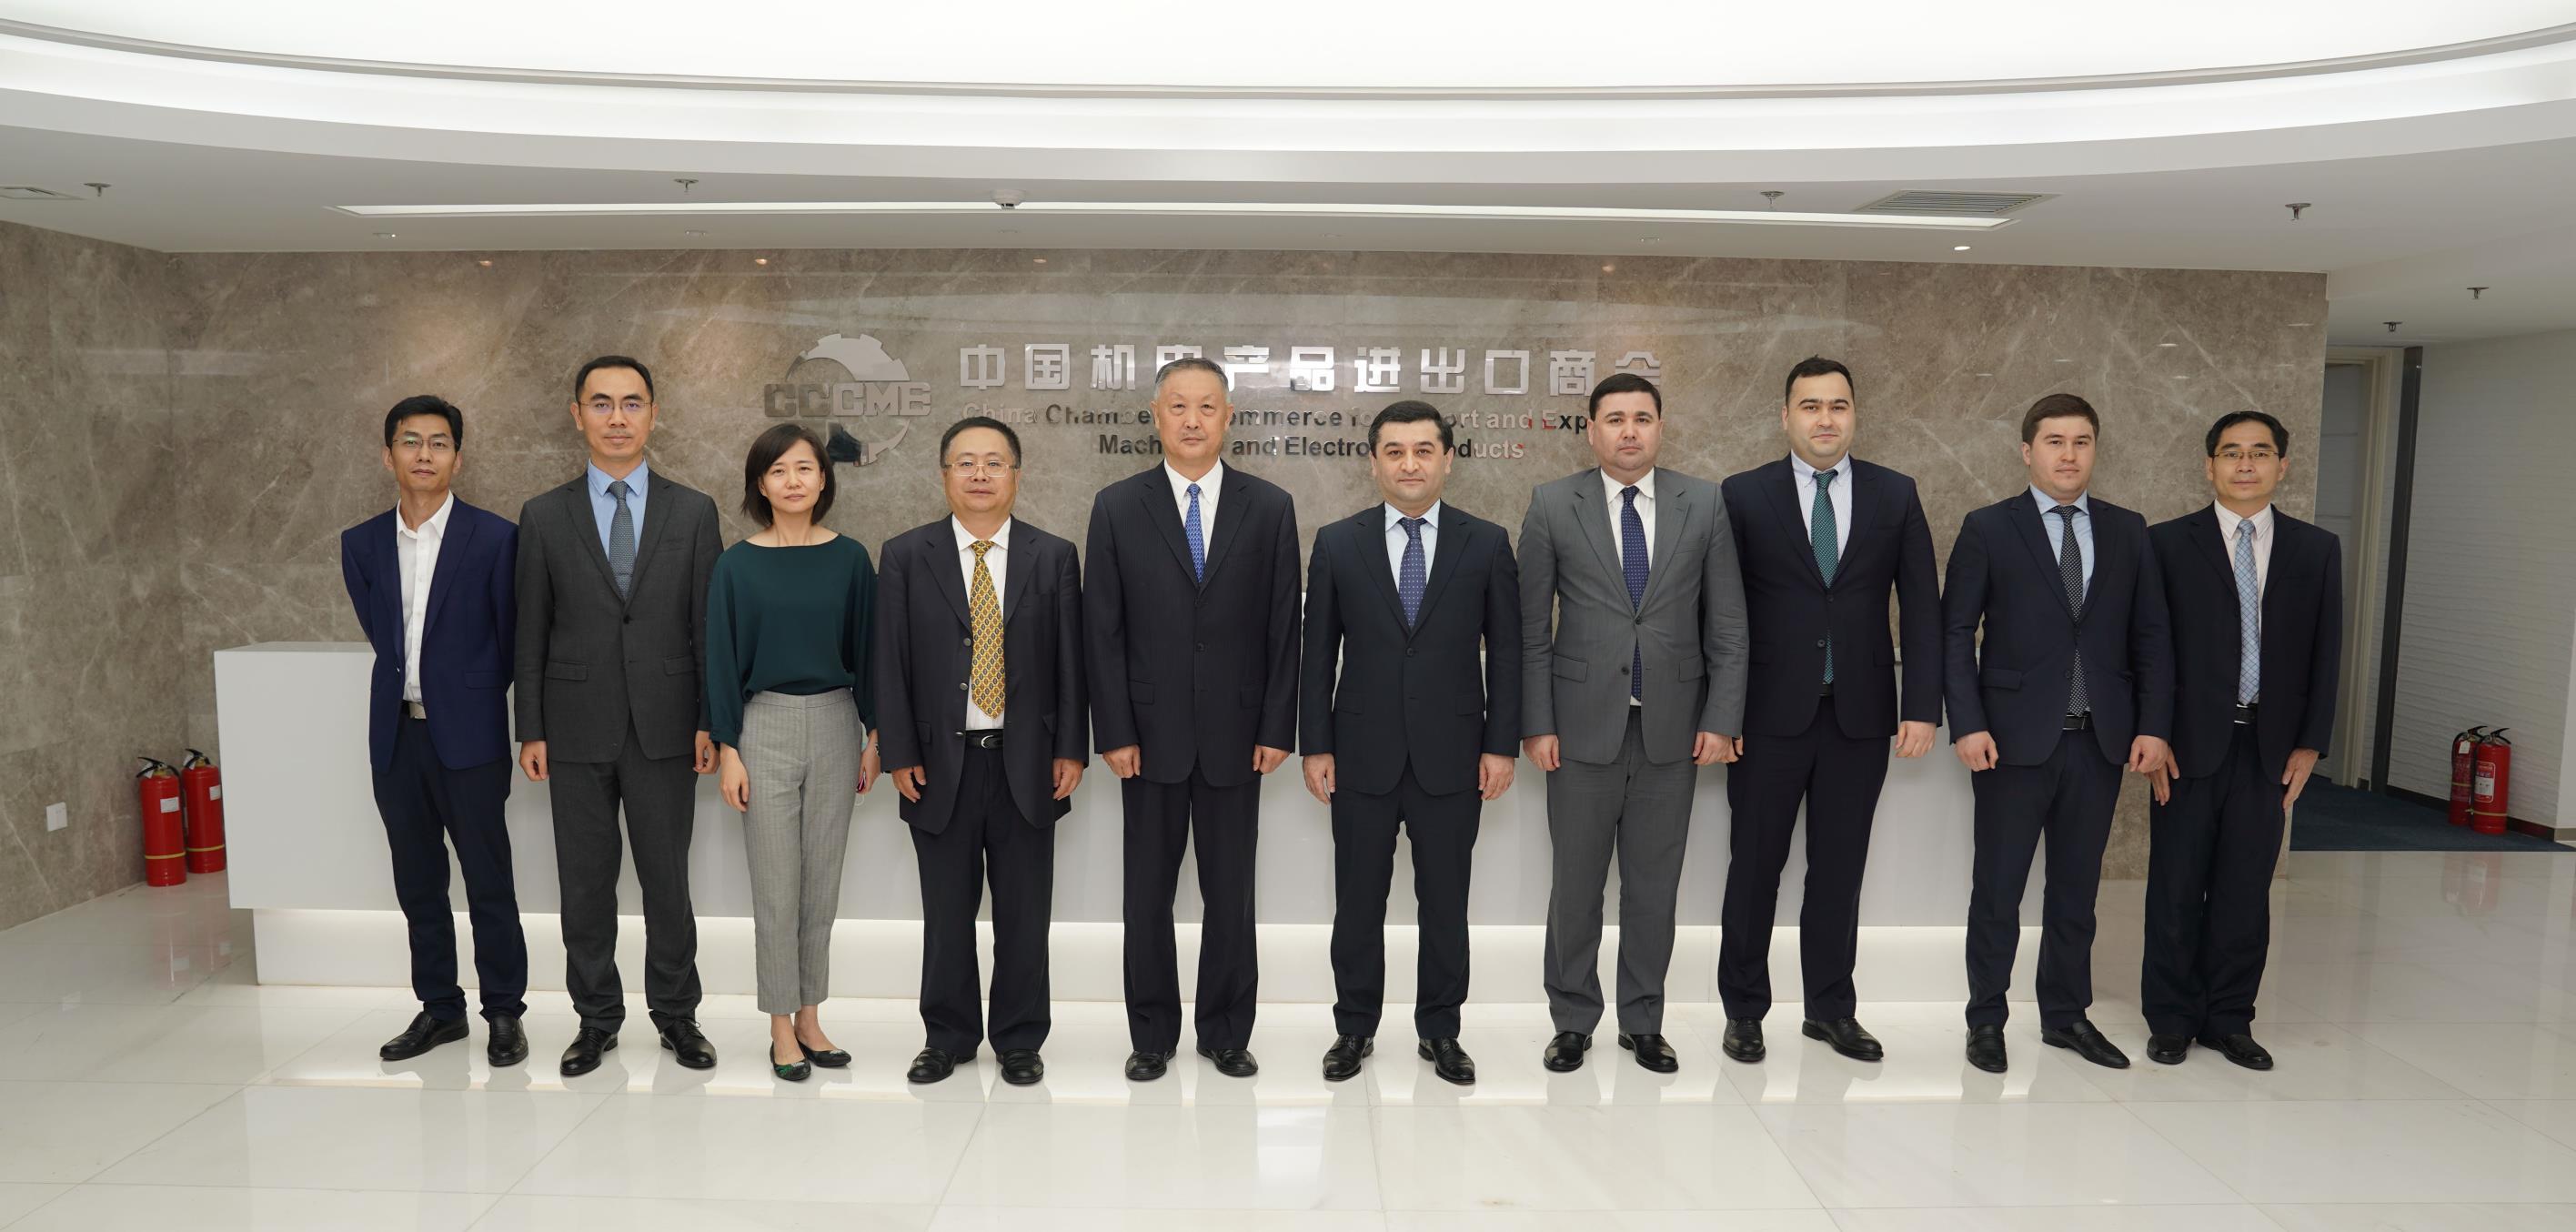 张钰晶会长会见乌兹别克斯坦驻华大使赛义多夫